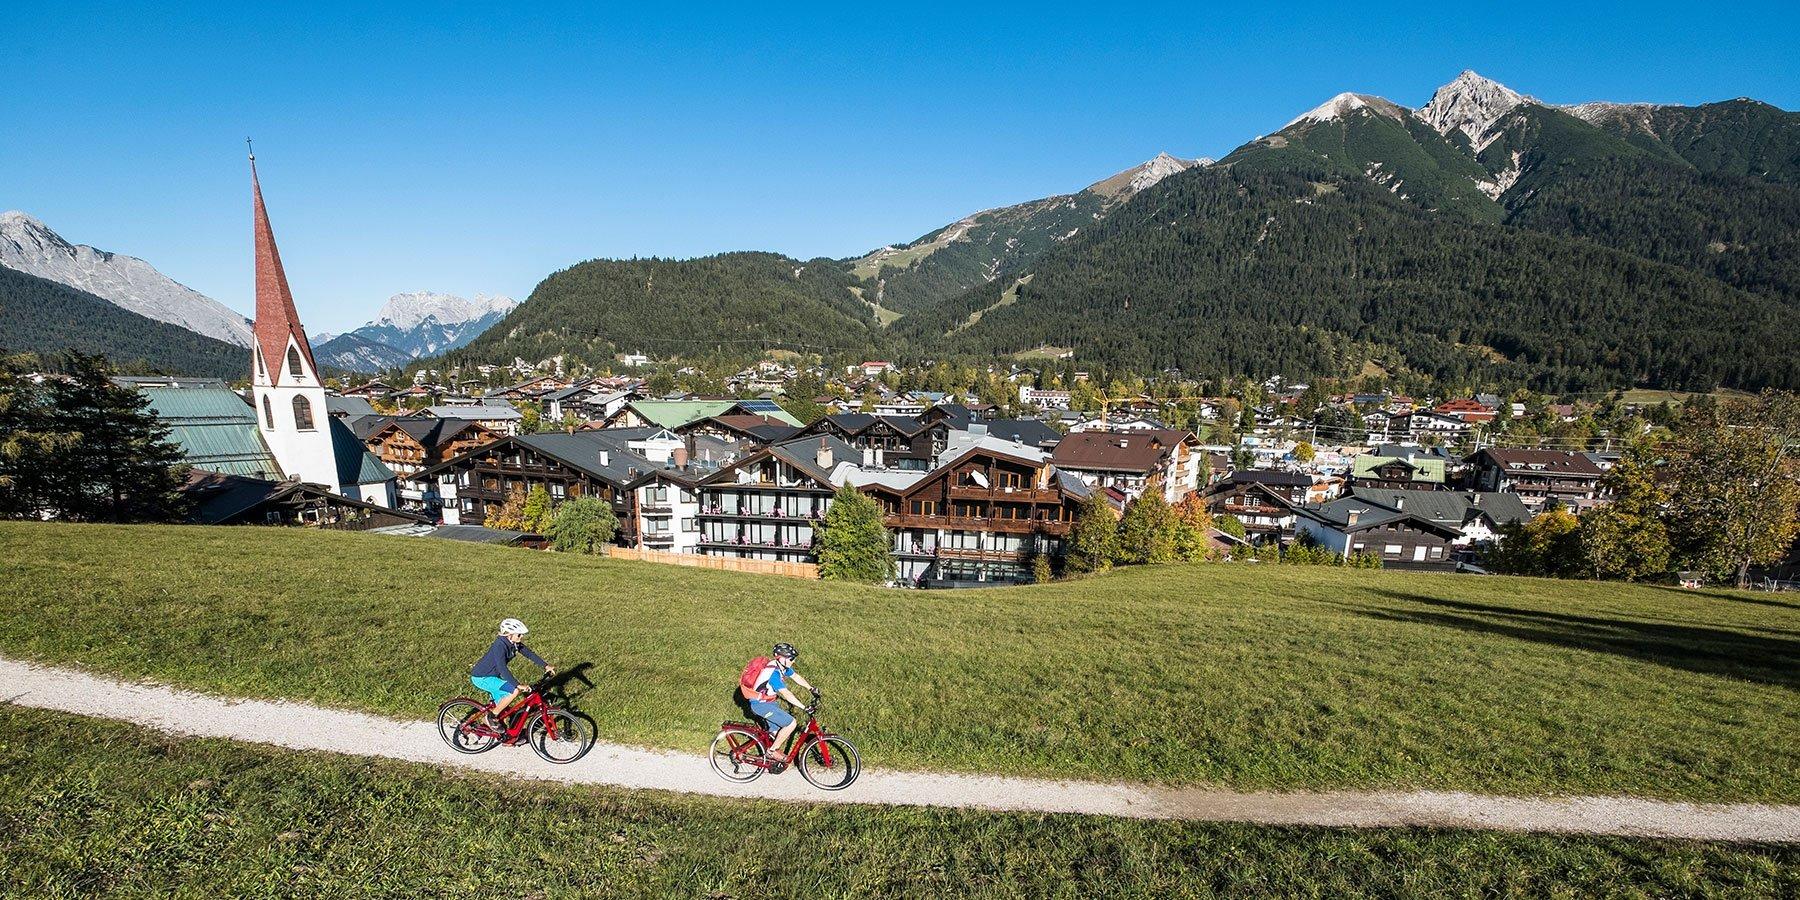 Biken in Seefeld